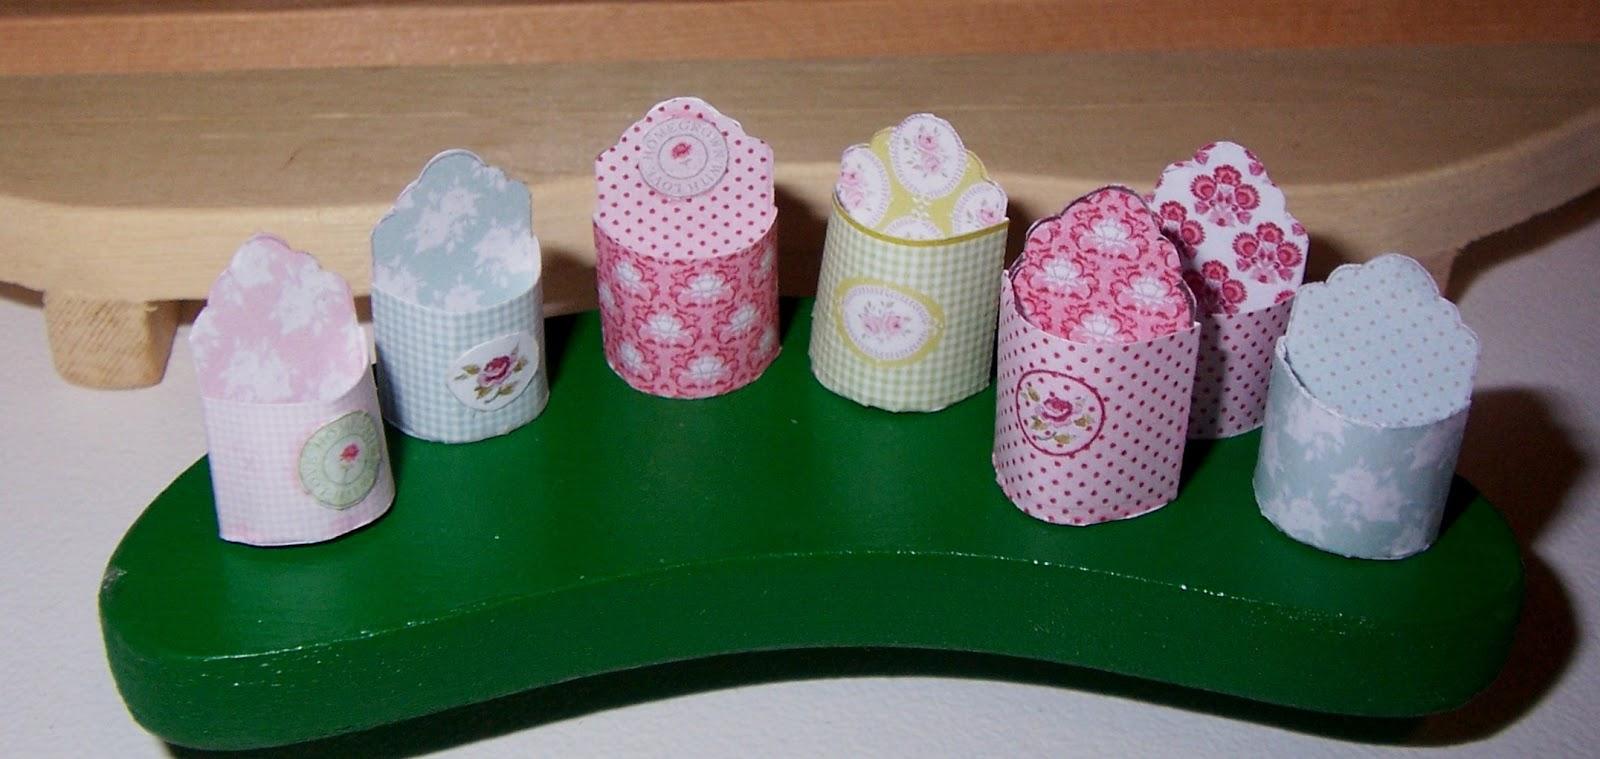 Escala 1:12 de cerámica bebé Ornitorrinco tumdee Ornamento De Animales De Casa De Muñecas